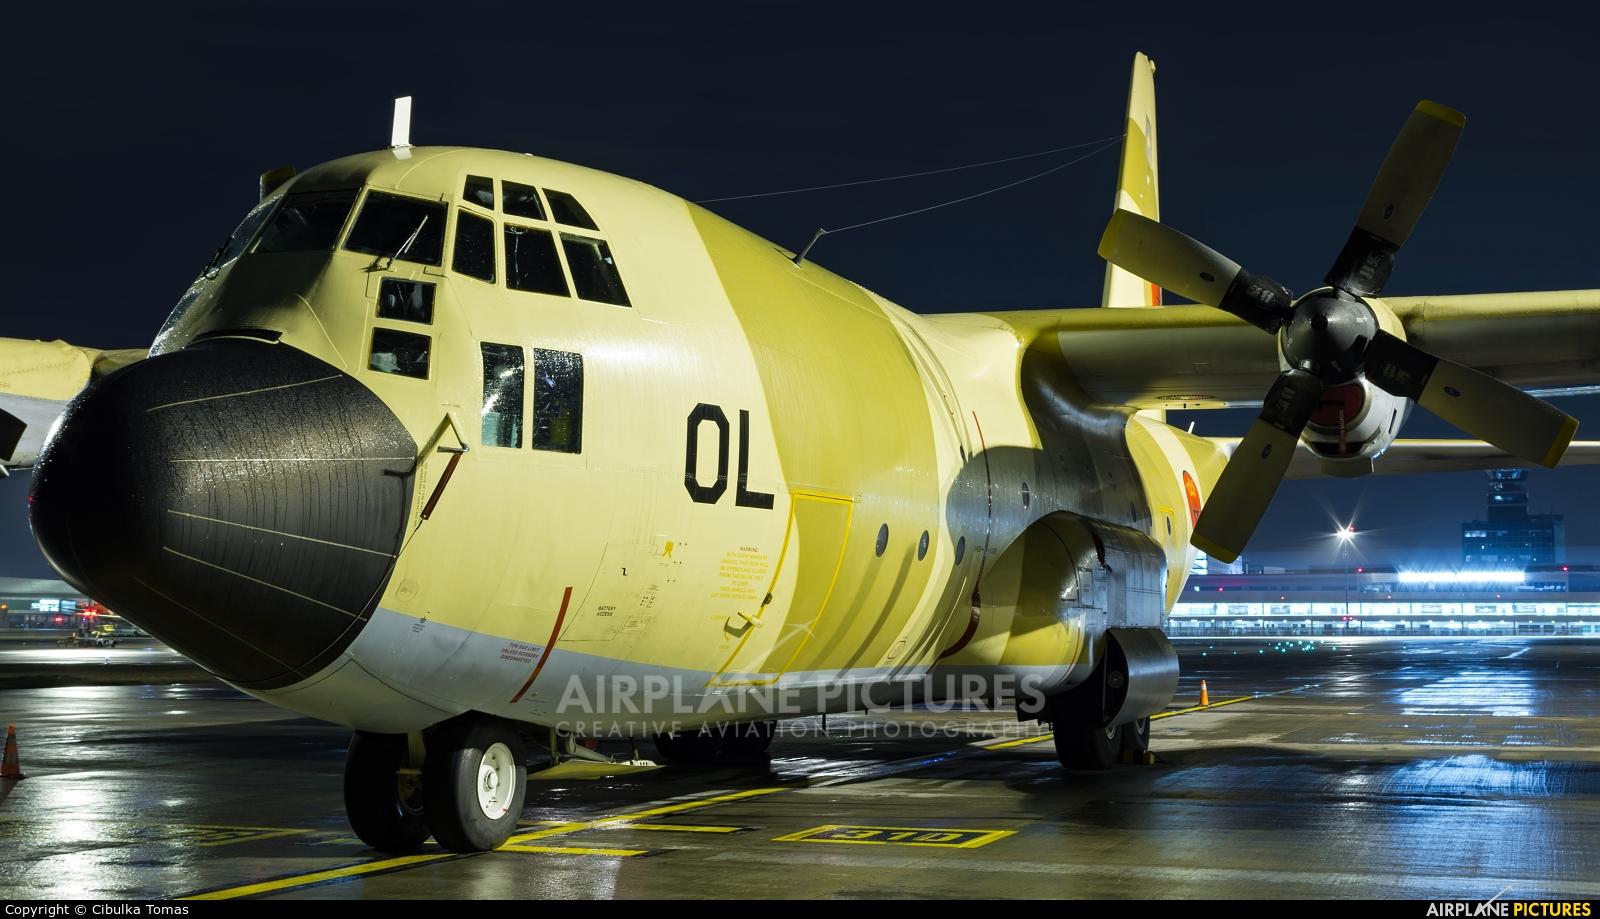 FRA: Photos d'avions de transport - Page 27 160403050359886794